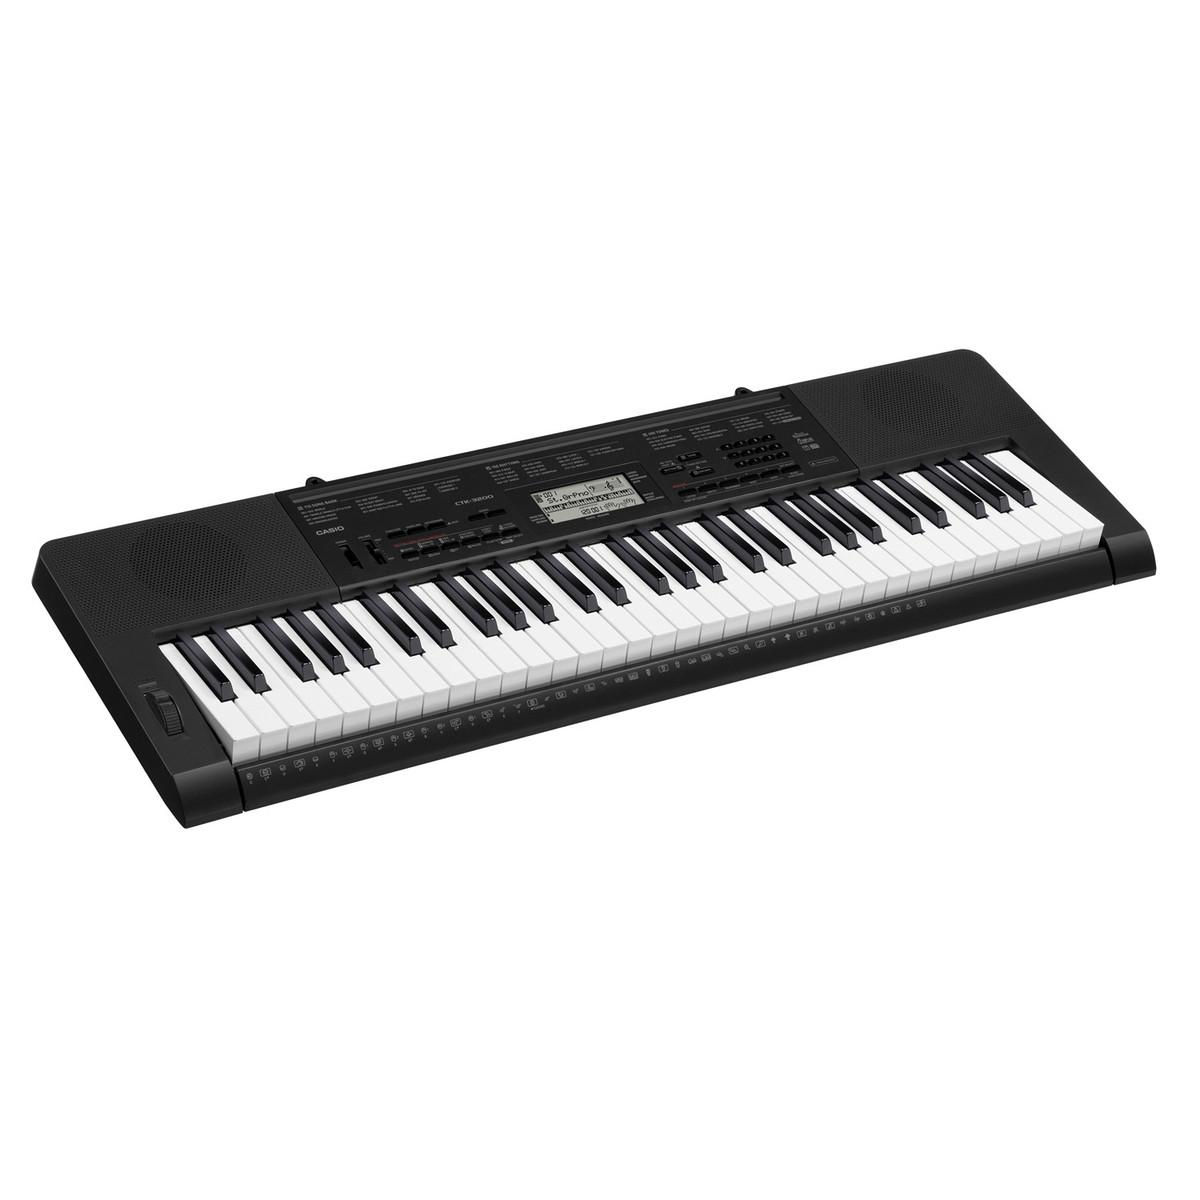 CASIO CTK-3200 Tragbares Keyboard plus GRATIS Bank & Ständer bei ...